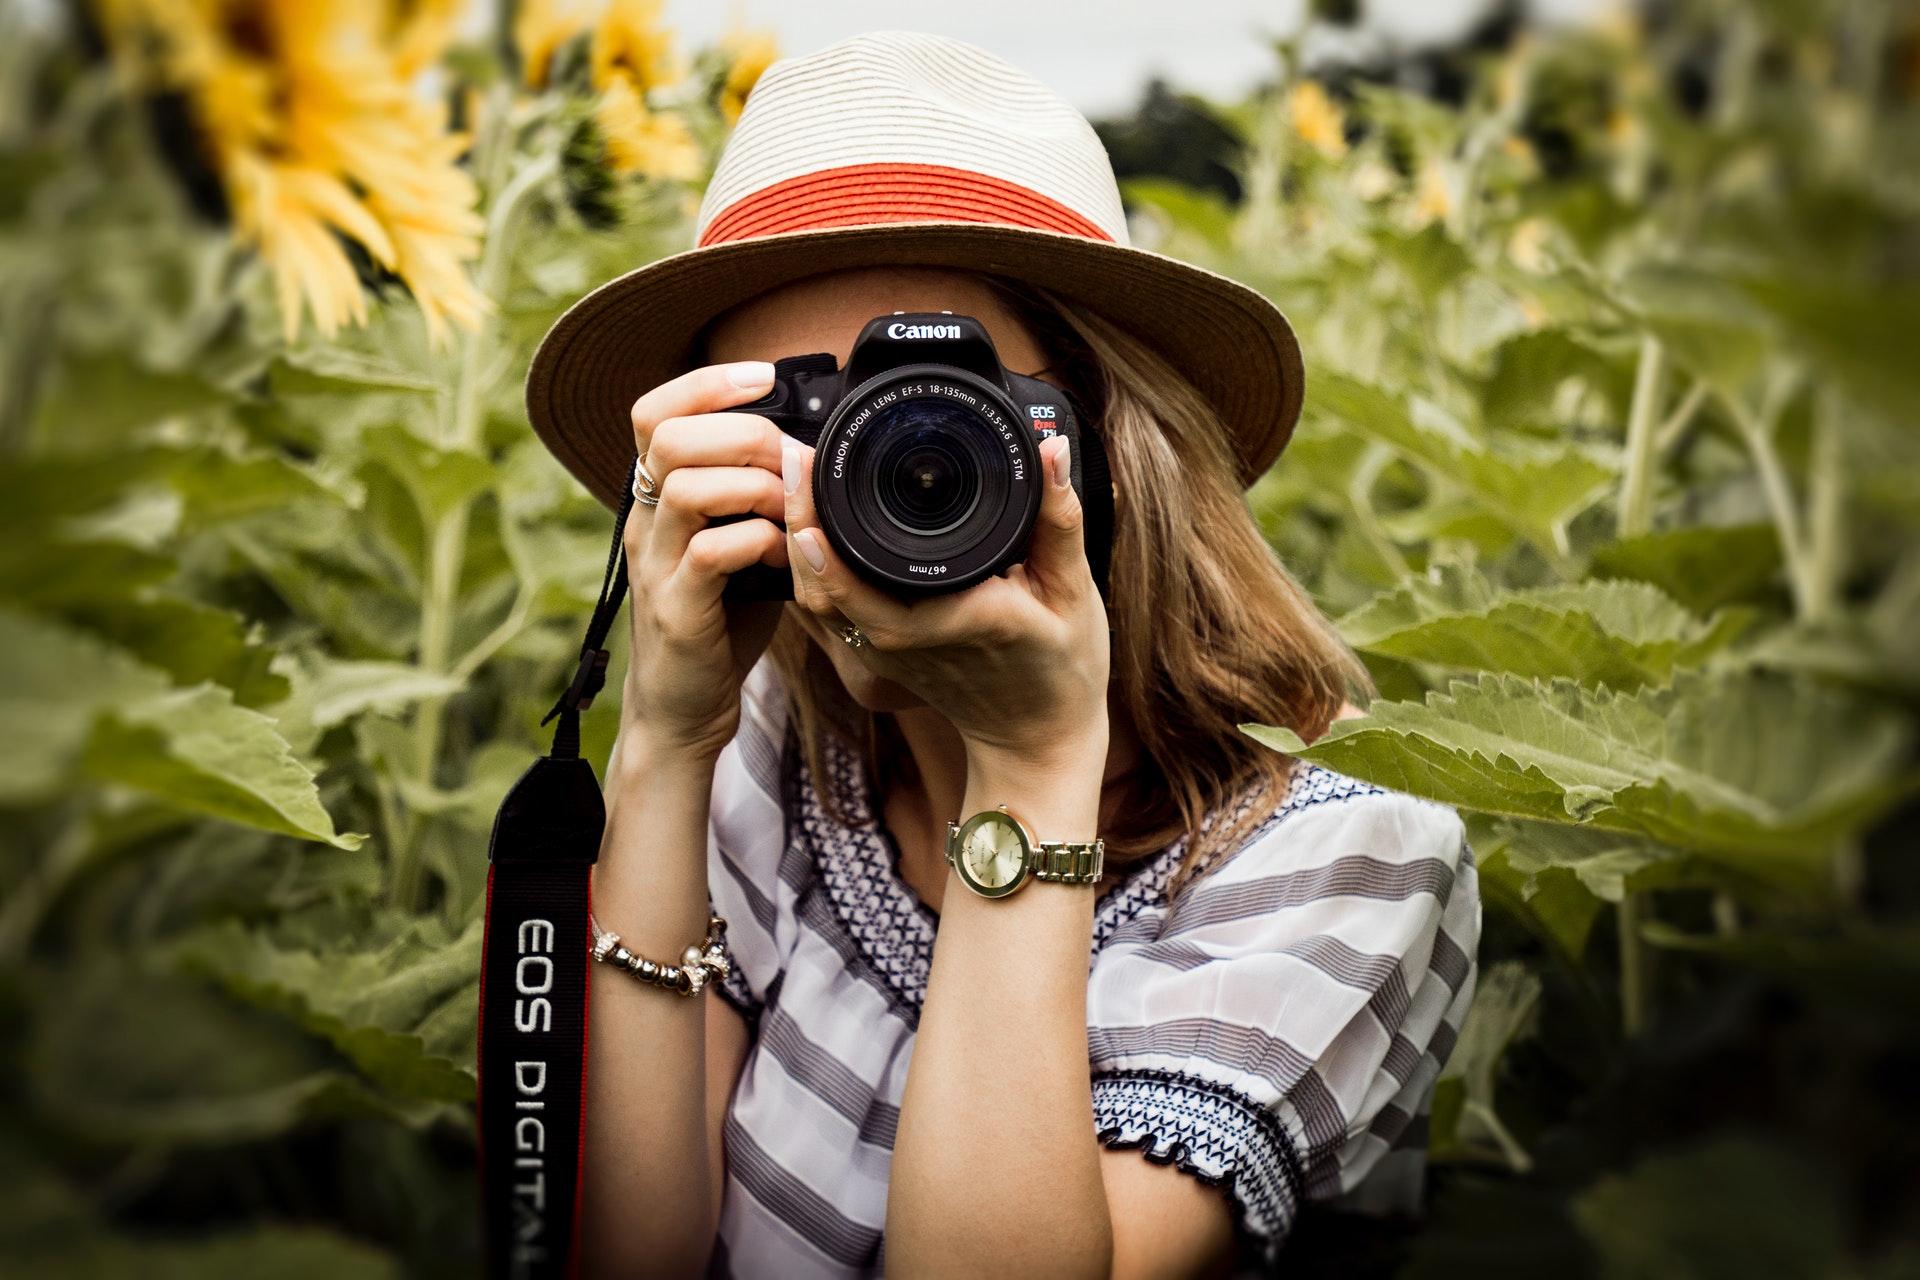 Agences : comment choisir votre photographe immobilier ?